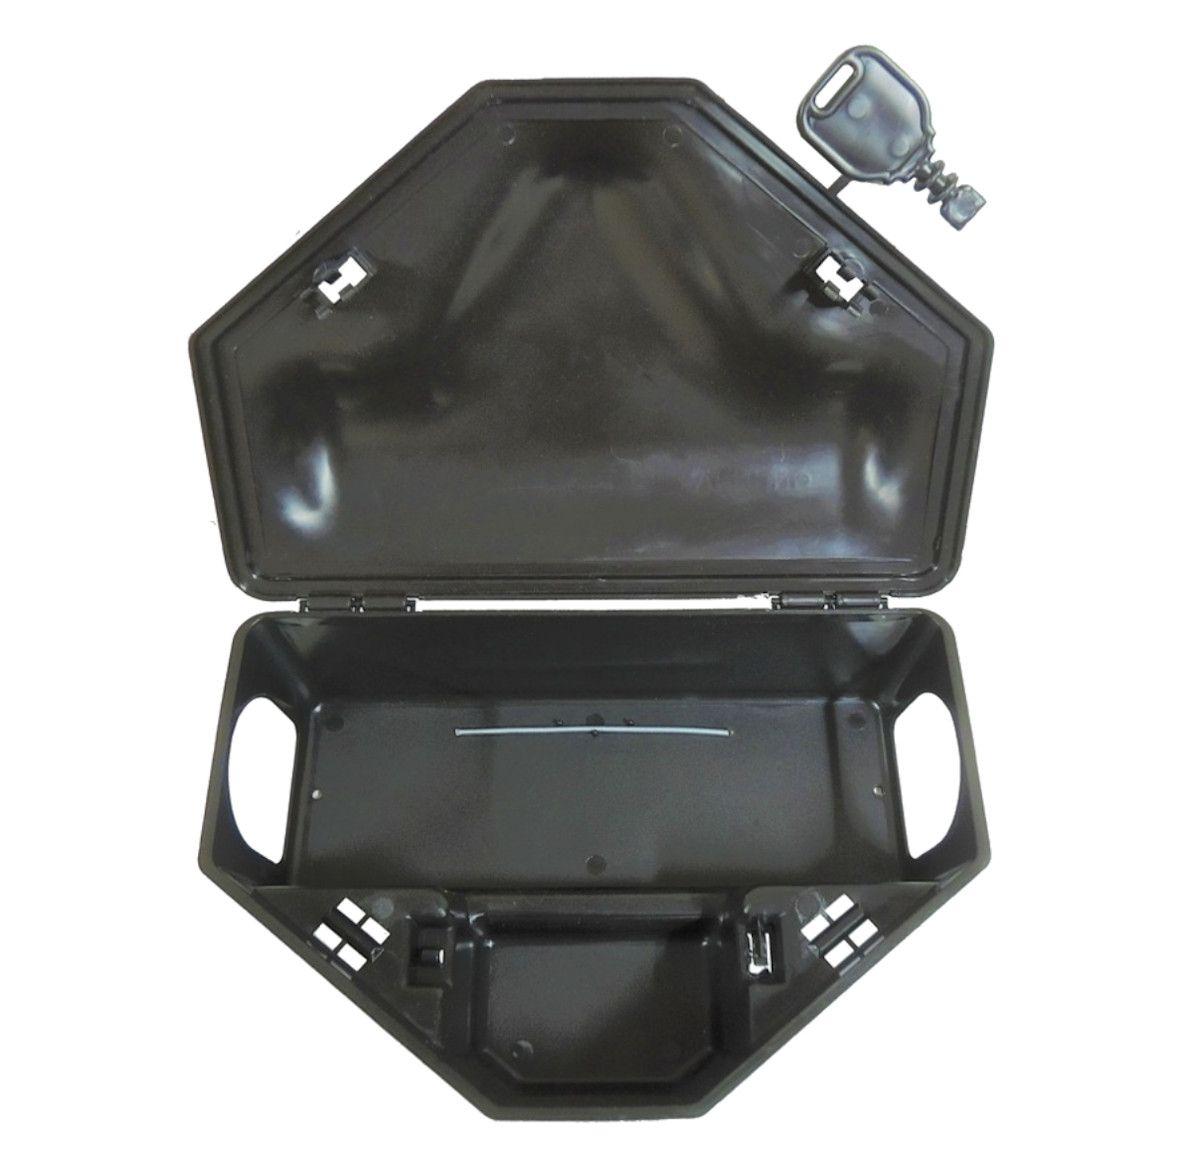 Kit 50 Porta Iscas Com Chave Para Ratos